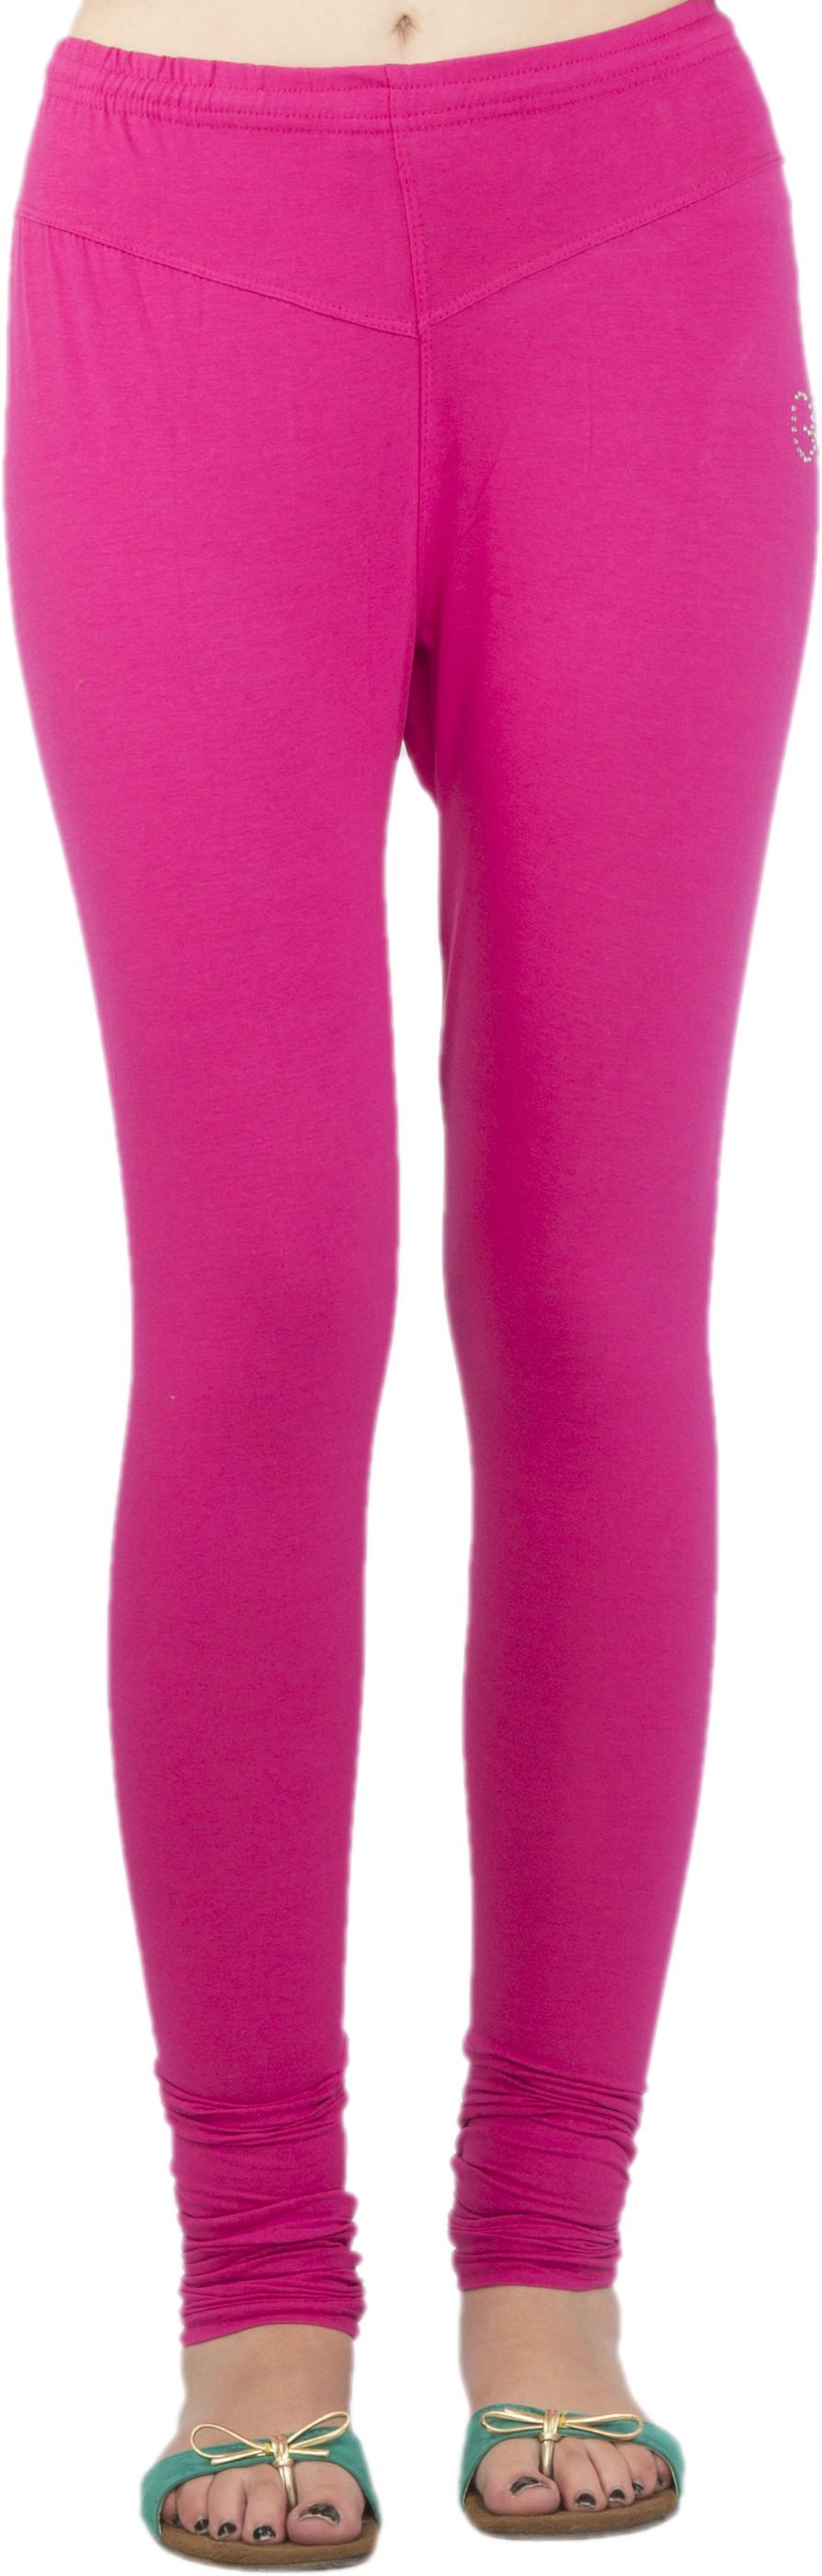 Jublee Womens Pink Leggings